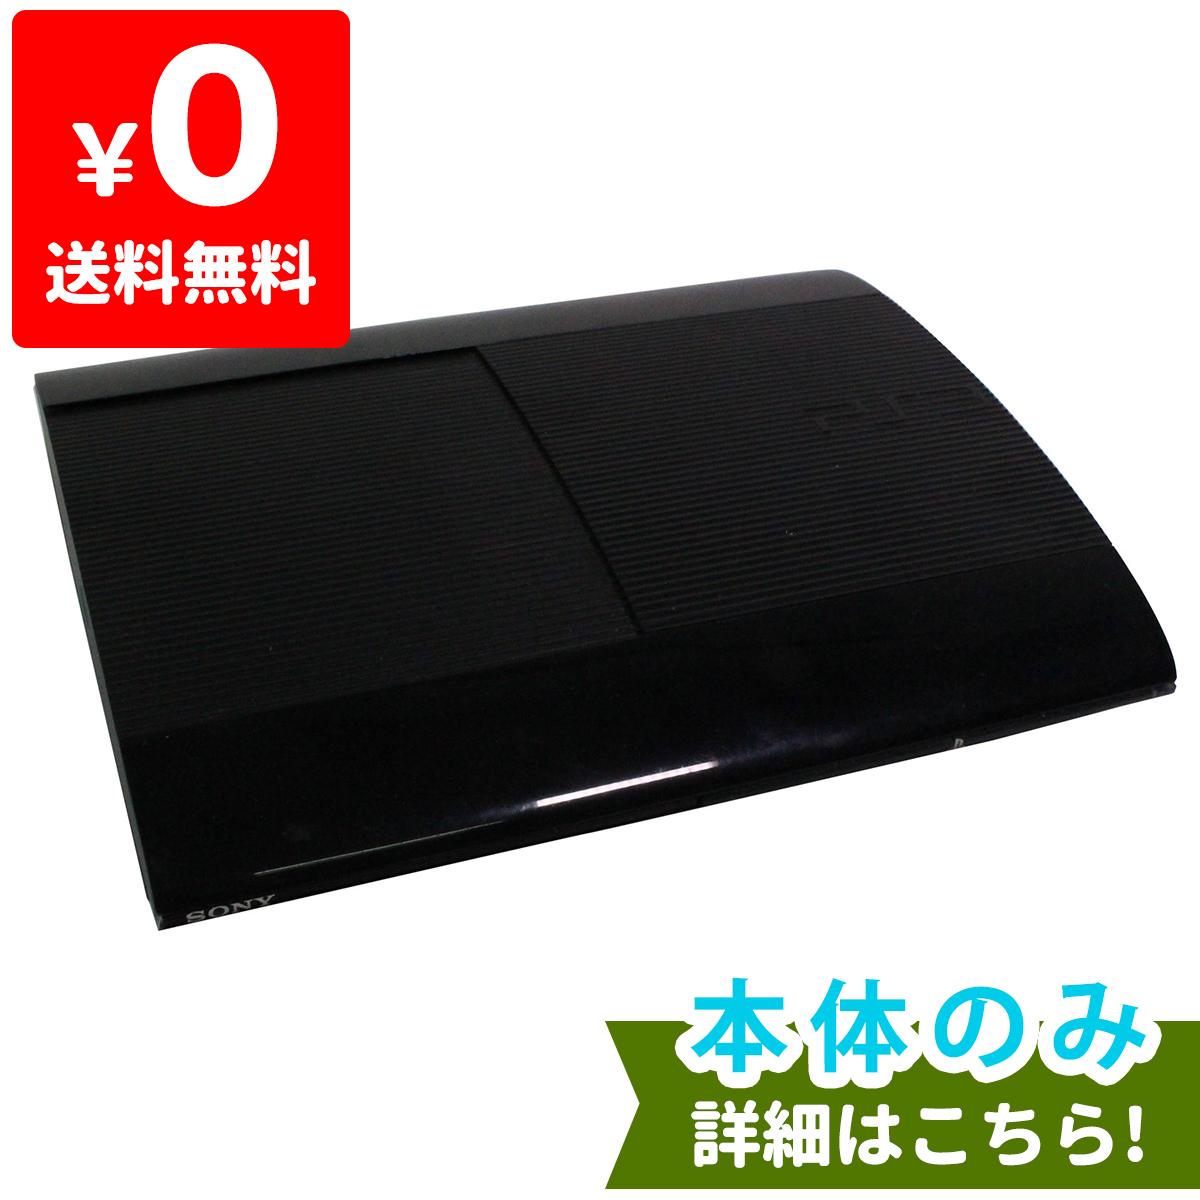 PS3 プレステ3 PlayStation3 チャコール・ブラック 500GB (CECH4300C) SONY ゲーム機 中古 本体のみ 4948872413831 送料無料 【中古】